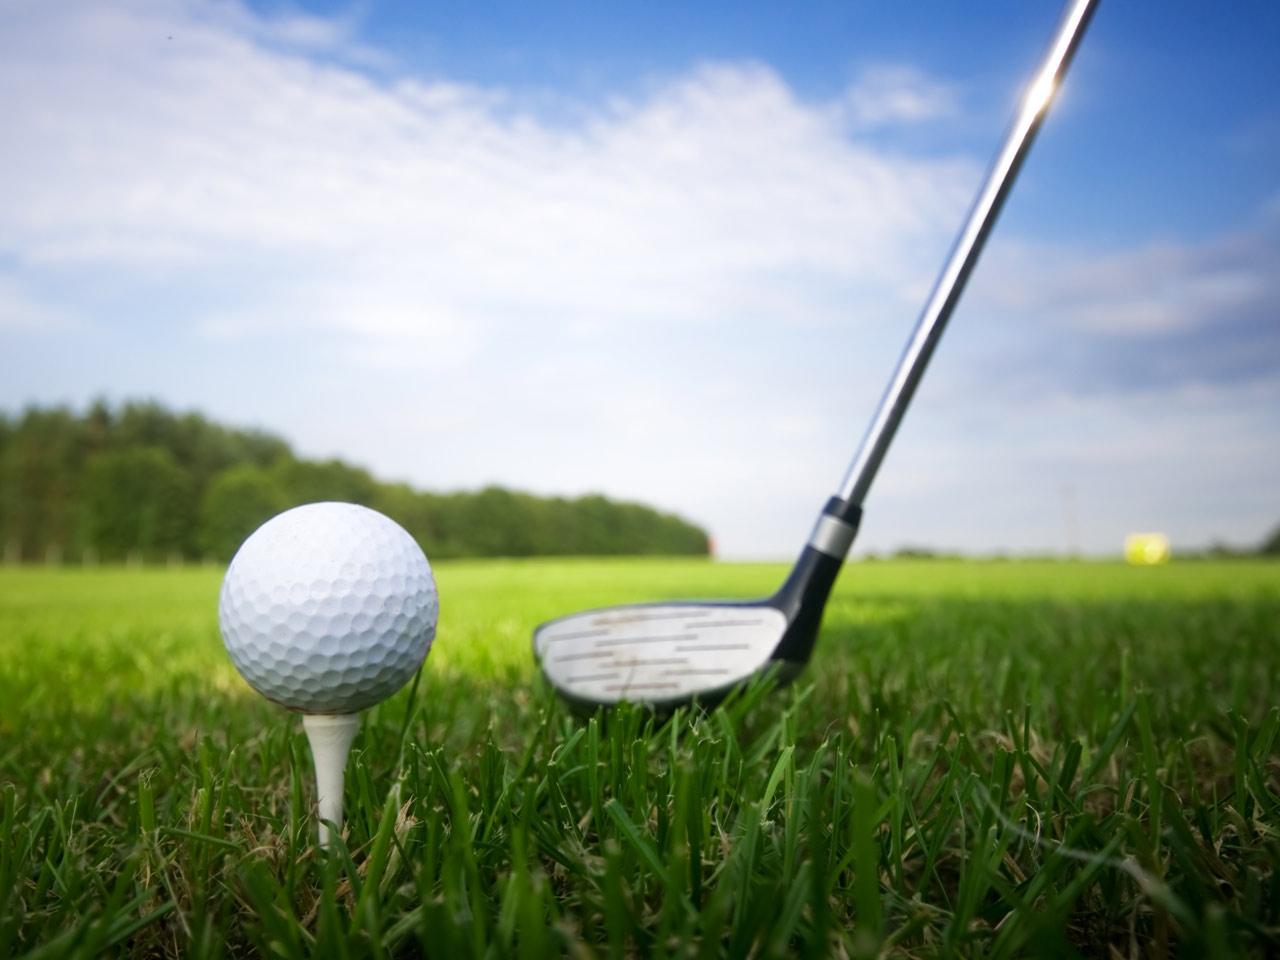 Golf Game Wallpaper High Resolution 12678 5039 Wallpaper Cool 1280x960